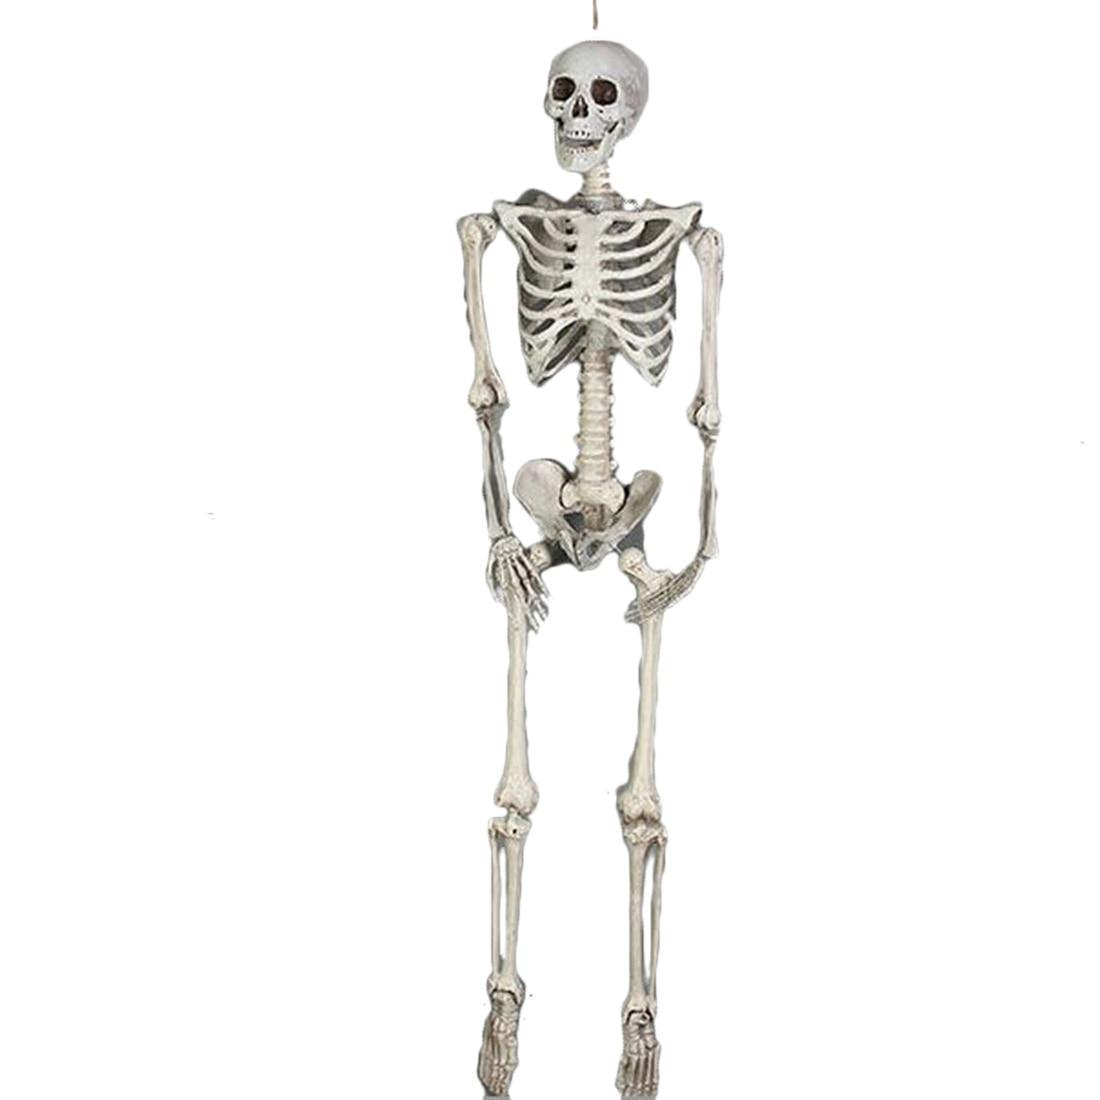 165cm 185cm mobile crâne Simulation crâne humain modèle corps complet Mini figurine jouet Halloween cadeau accessoire